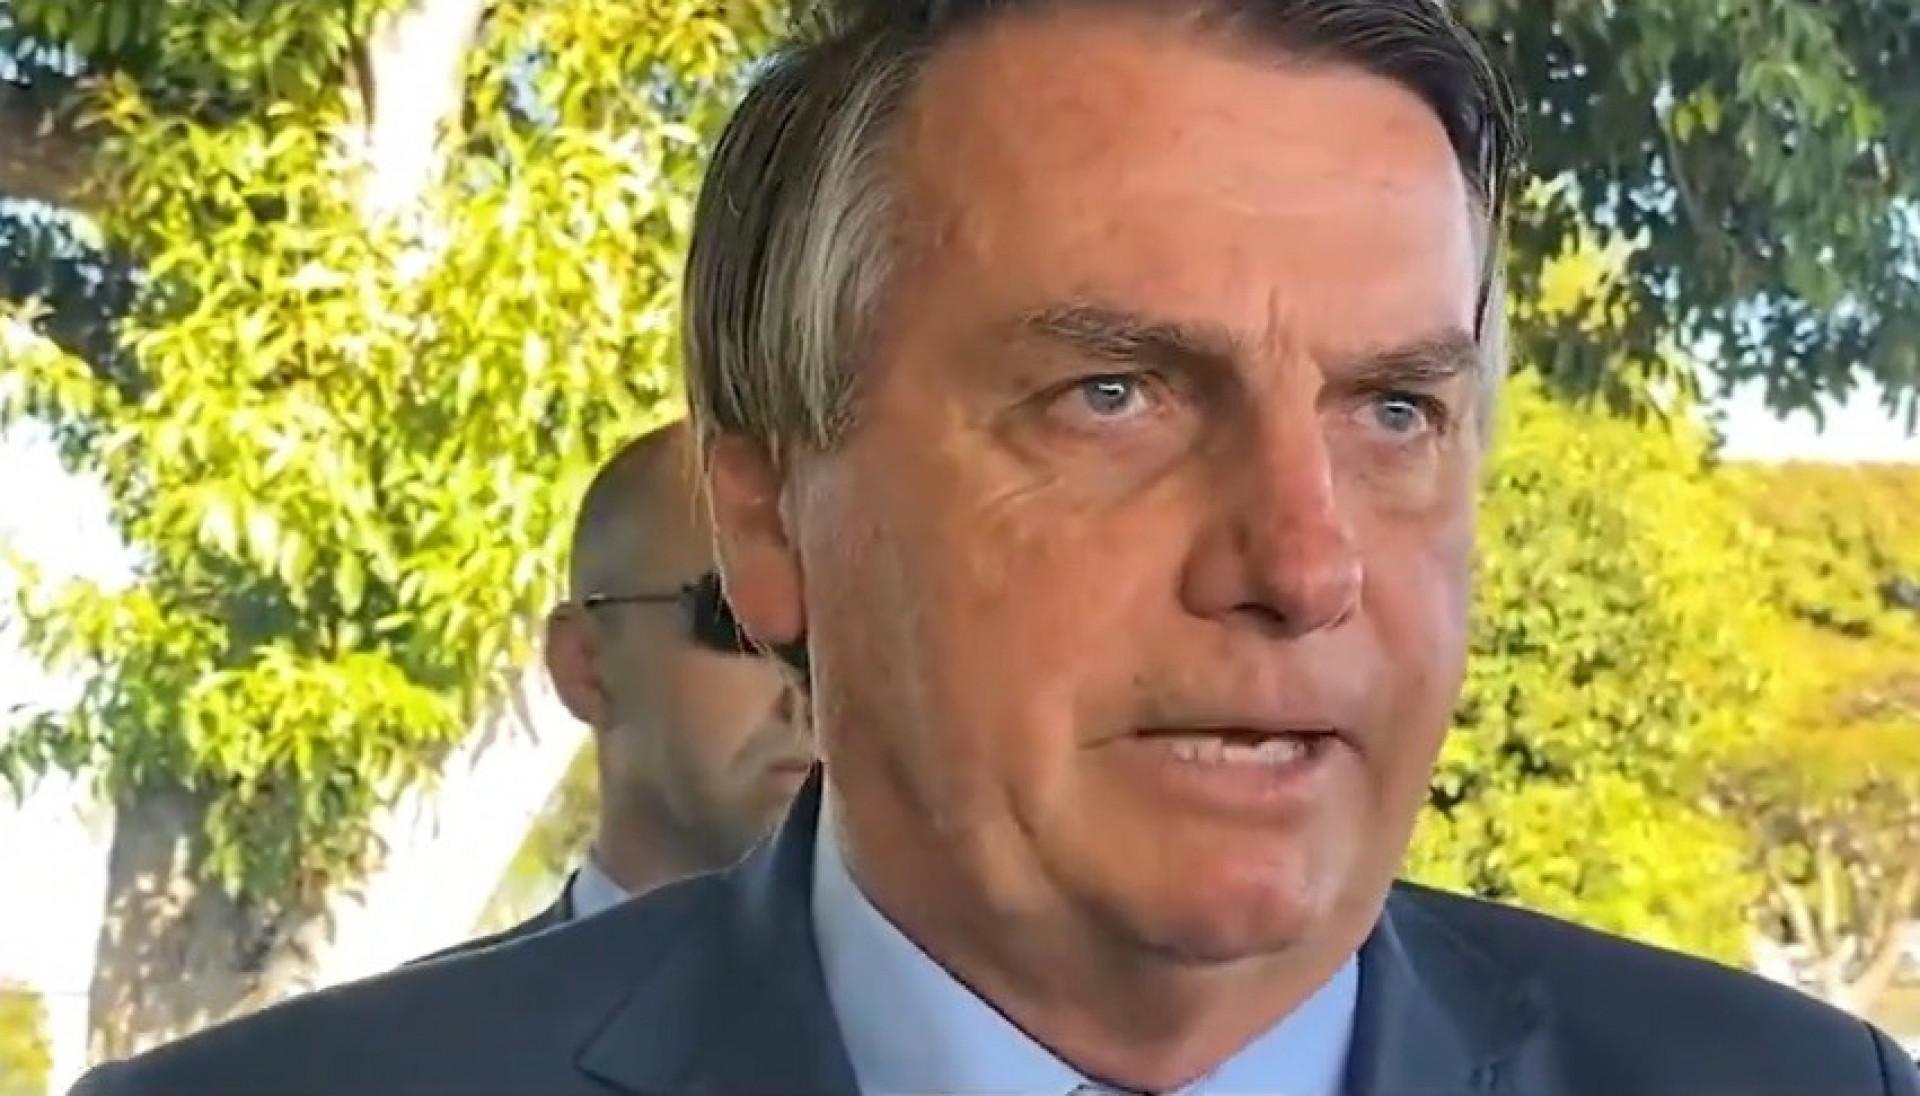 Presidente Jair Bolsonaro abriu nova crise ao questionar o sistema eleitoral brasileiro e atacar ministros do STF(Foto: REPRODUÇÃO)